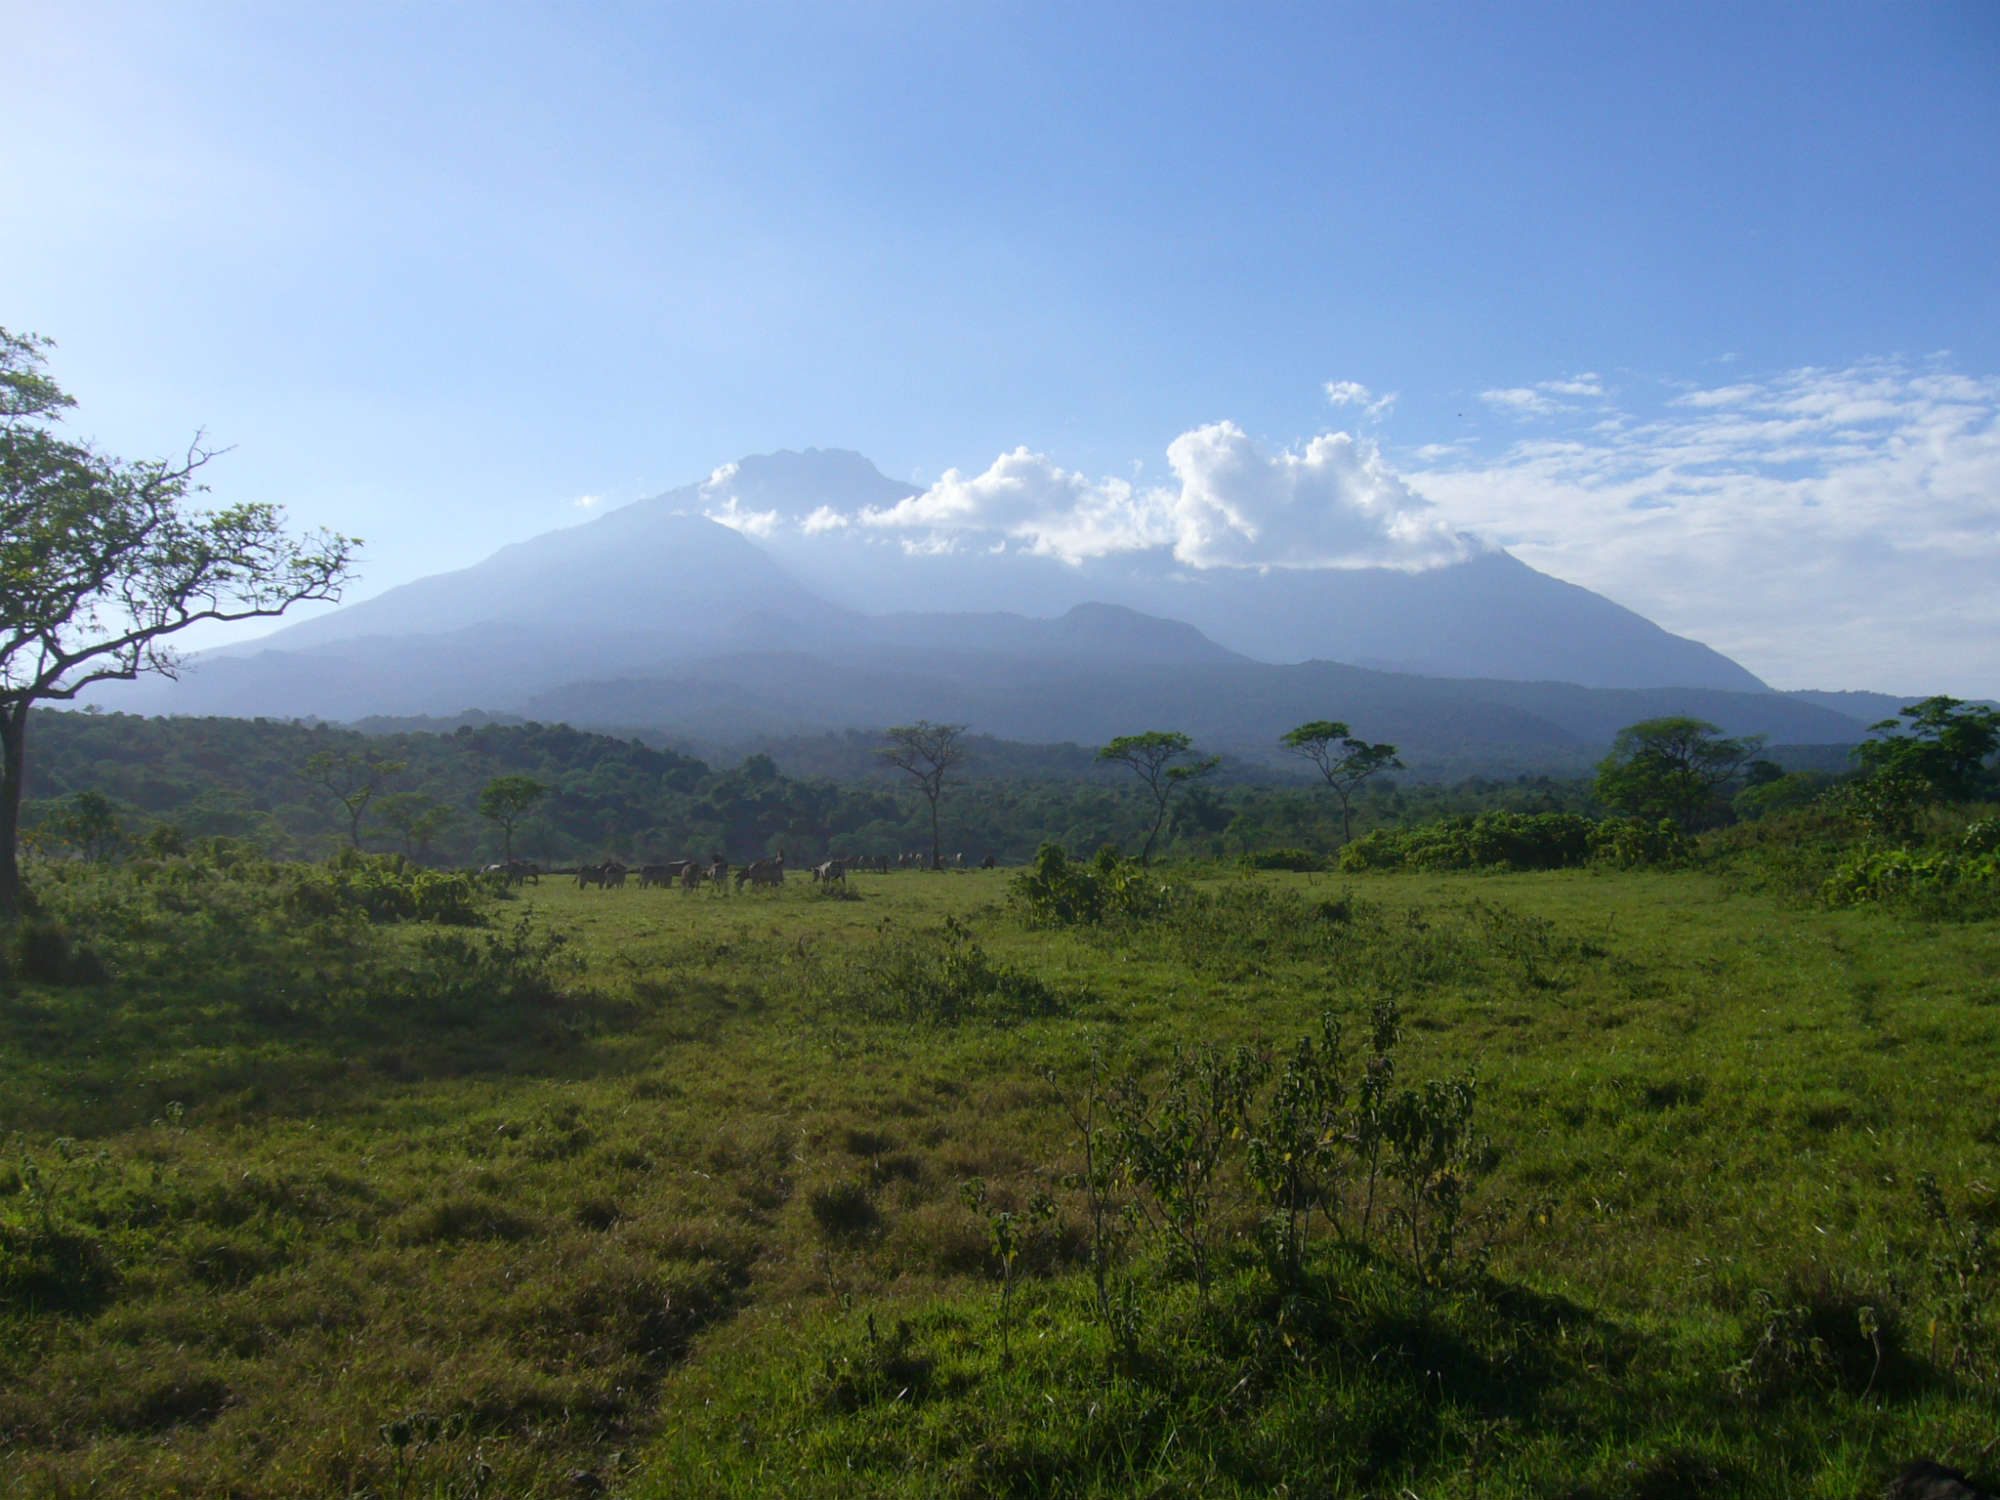 メルー山とキリマンジャロ登頂13日間